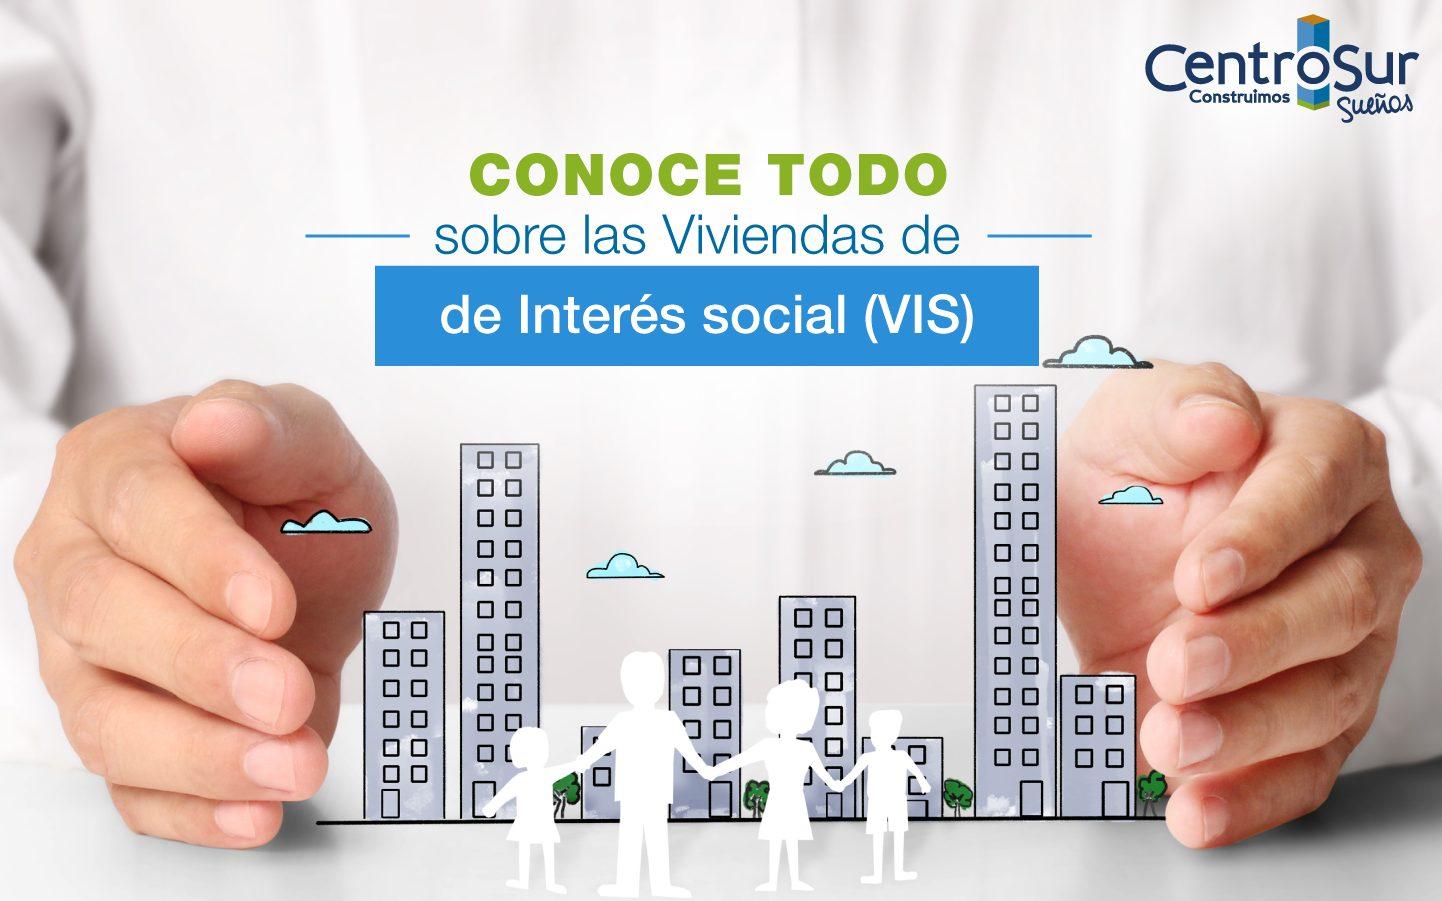 CONOCE TODO SOBRE LAS VIVIENDAS DE INTERÉS SOCIAL (VIS)